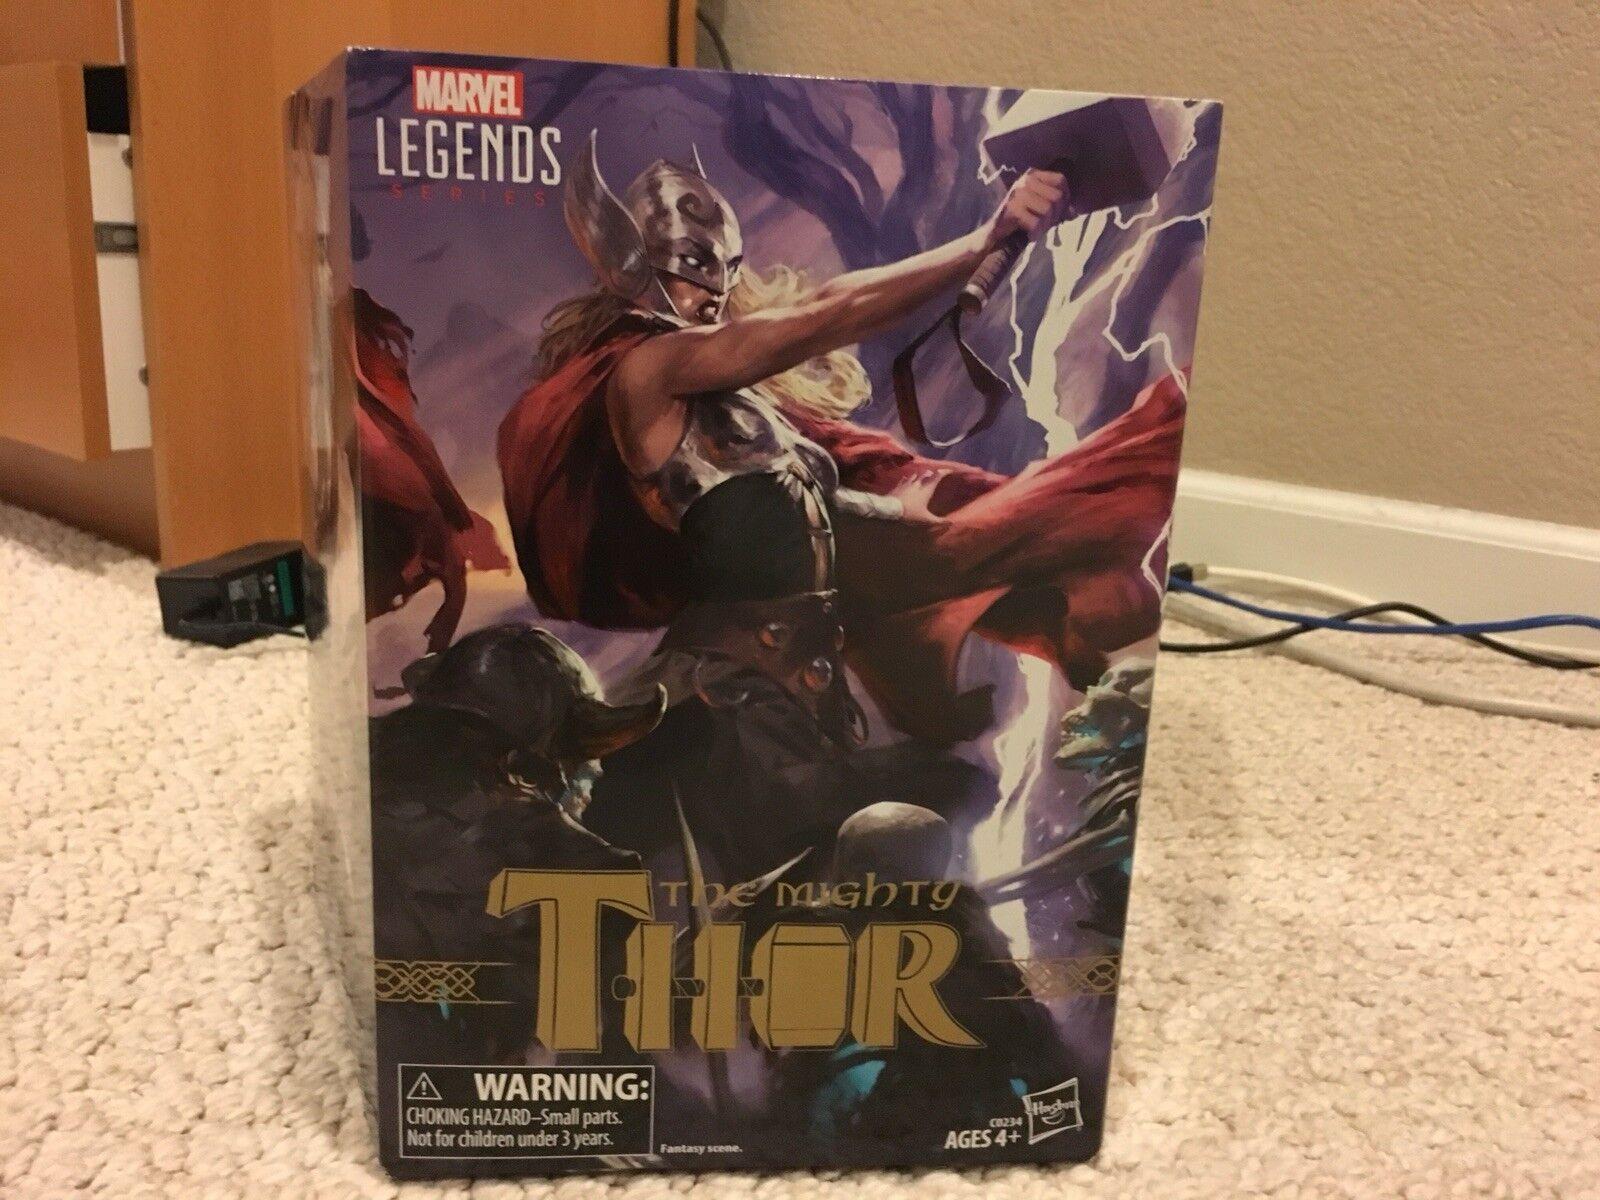 precio al por mayor Nuevo 2018 Marvel Leyendas lucha por Asgard 5-Pack 5-Pack 5-Pack Exclusivo De San Diego comic-con Convention  Las ventas en línea ahorran un 70%.